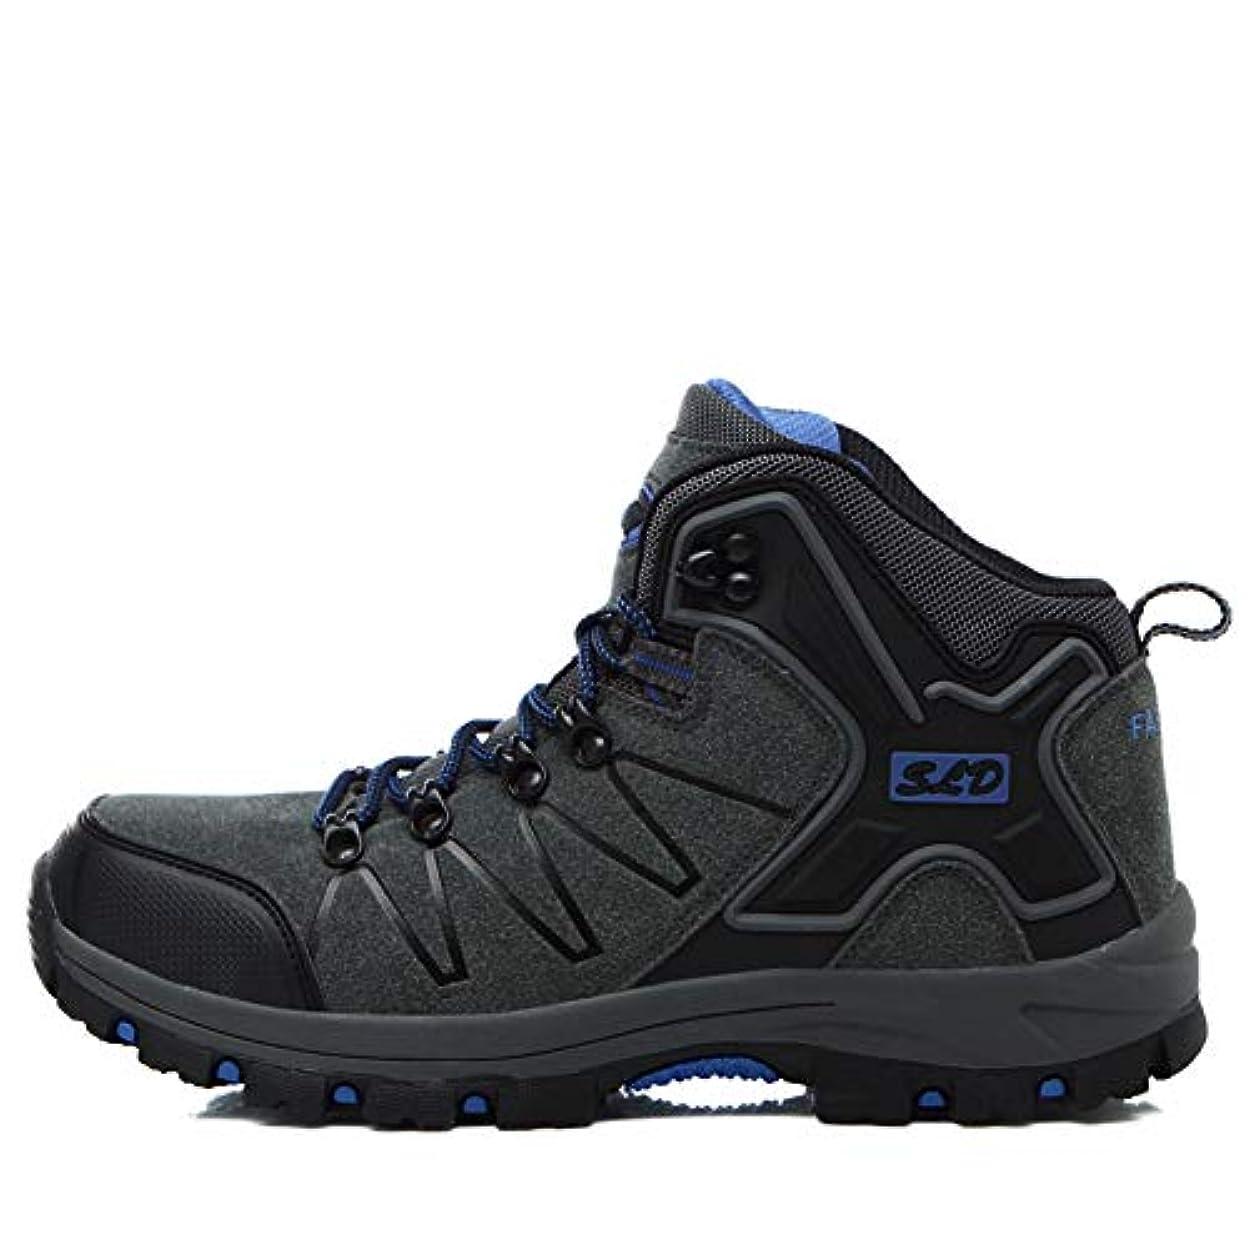 ずらす刺激するサンダース[TcIFE] トレッキングシューズ メンズ 防水 防滑 ハイカット 登山靴 大きいサイズ ハイキングシューズ メンズ 耐磨耗 ハイキングシューズ メンズ 通気性 スニーカー